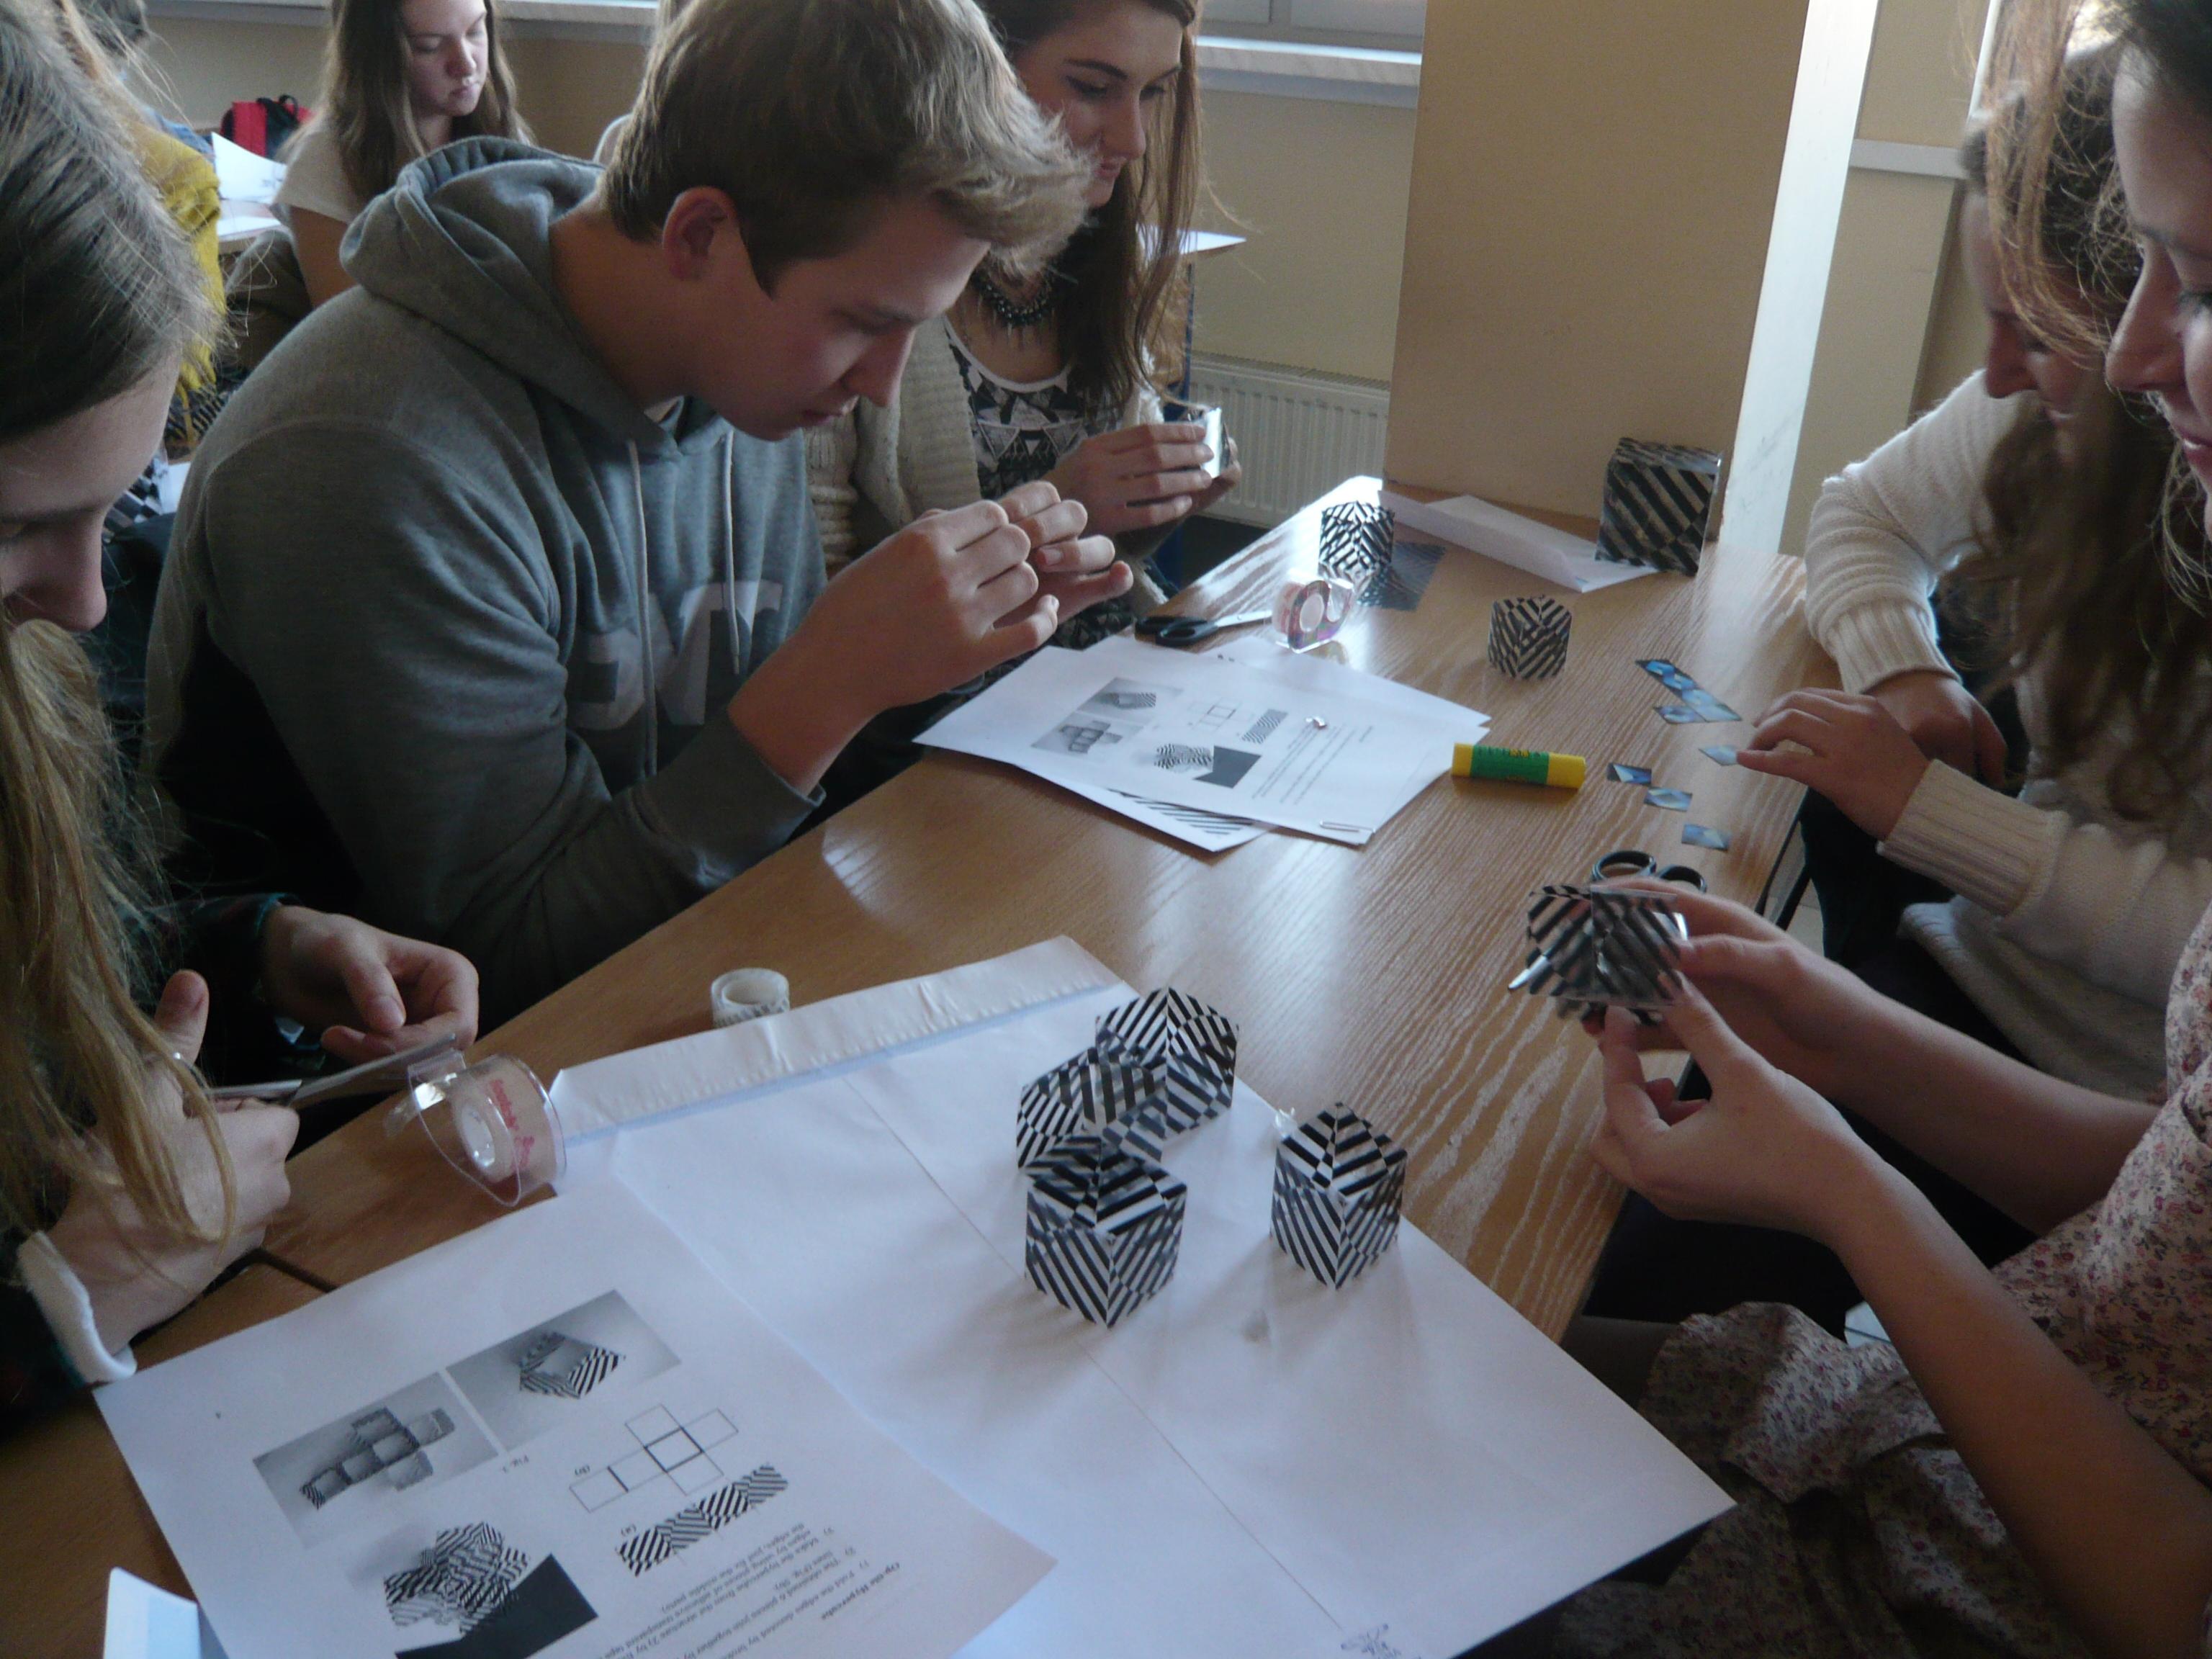 Lengyel diákok Slavik Jablan Vizuális matematikai műhelyén Wroclaw-ban